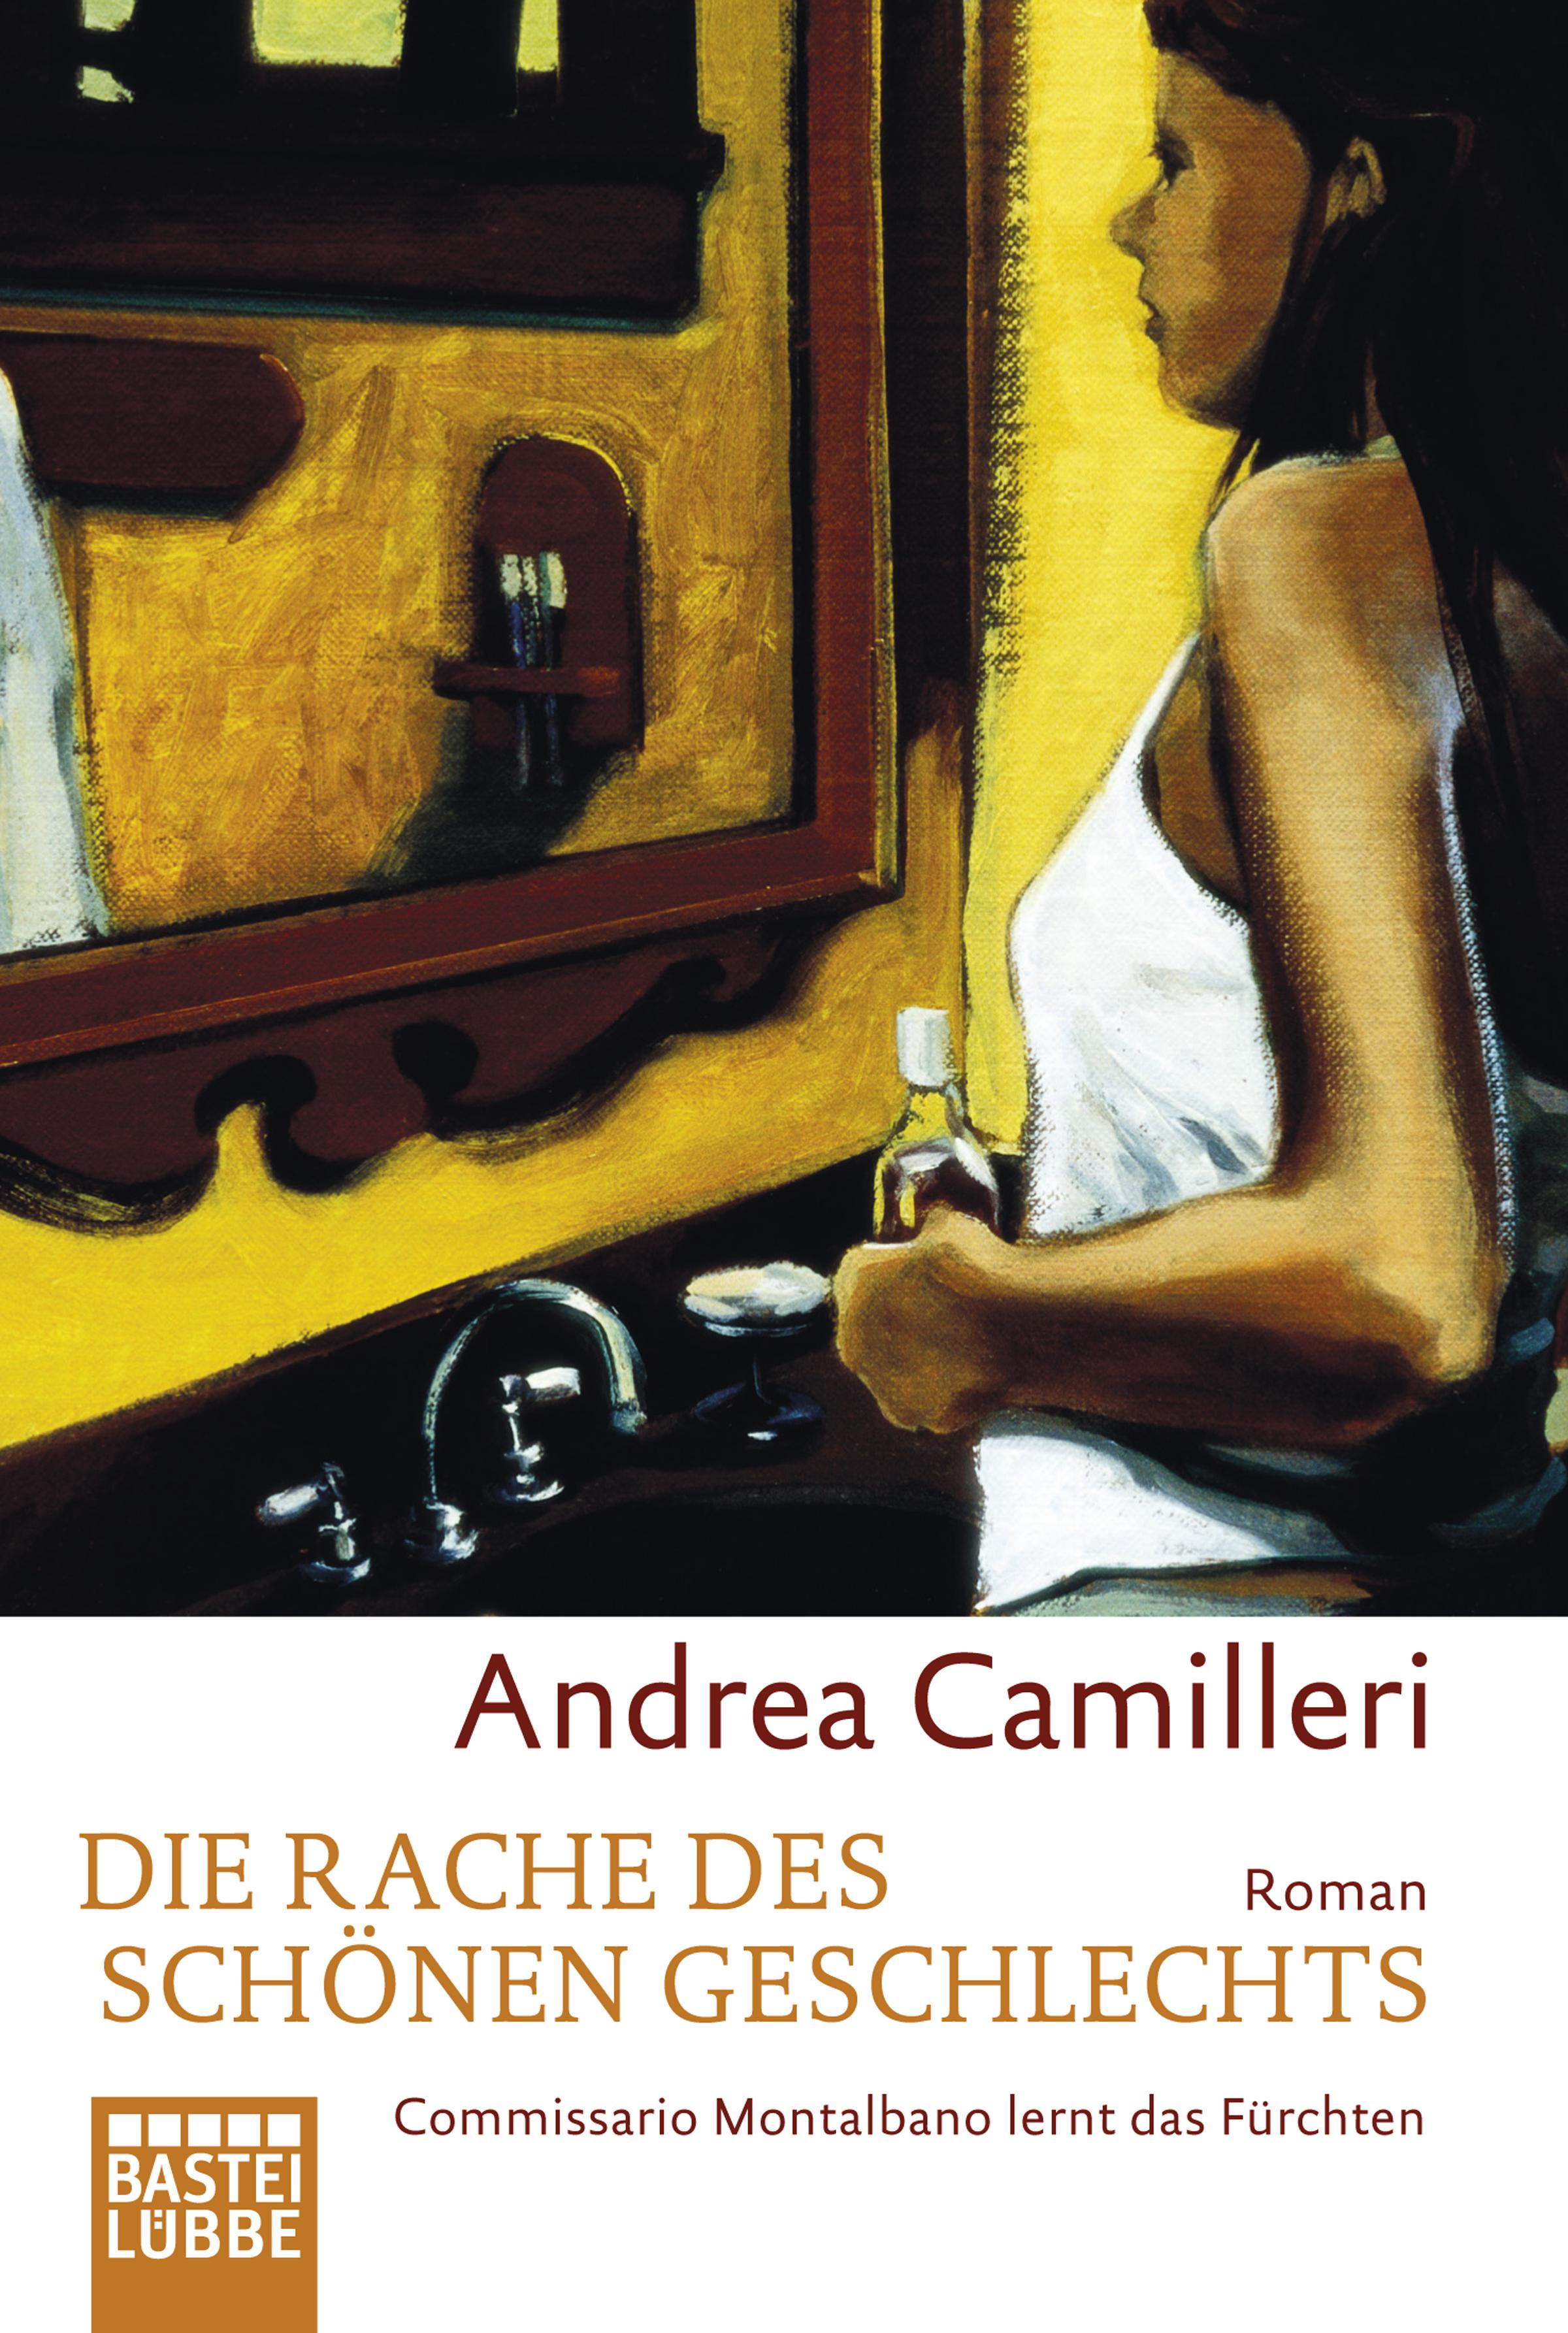 Die Rache des schönen Geschlechts: Commissario Montalbano lernt das Fürchten - Andrea Camilleri